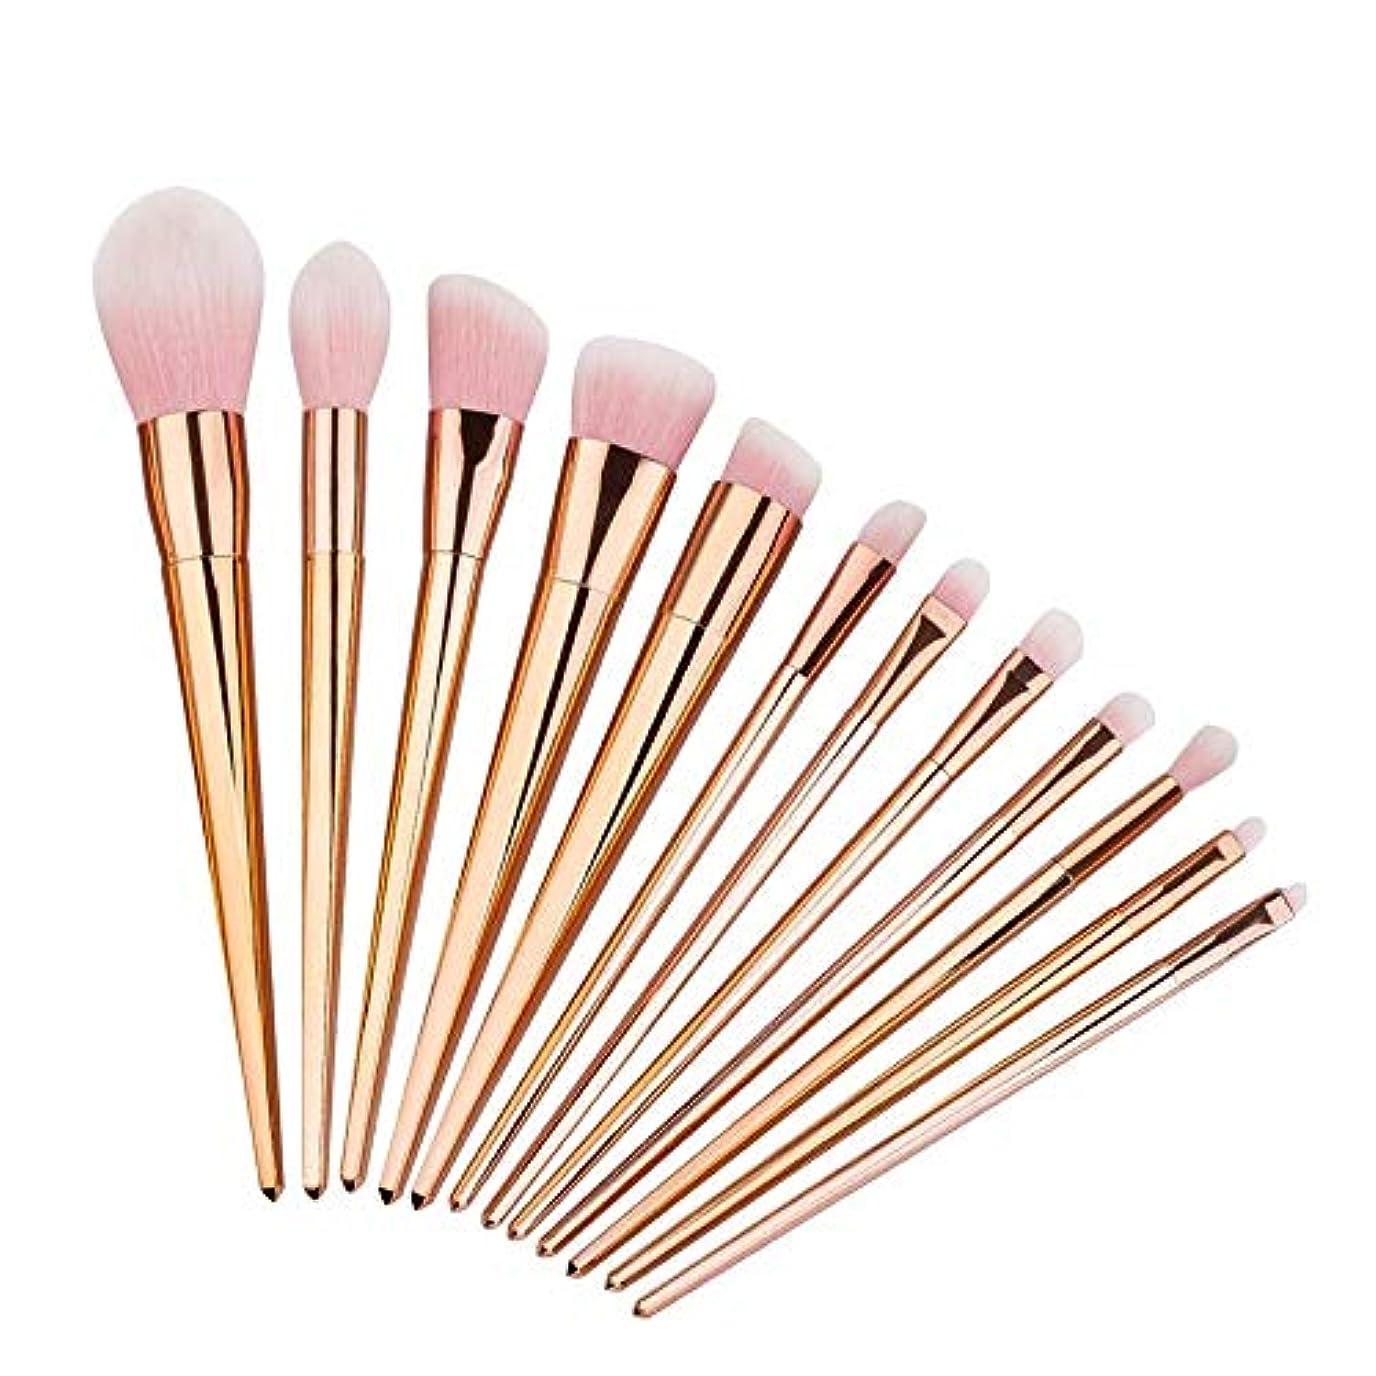 緊張飲食店保持プロフェッショナル メイクブラシ 化粧筆 シリーズ 化粧ブラシセット 高級タクロン 超柔らかい 可愛い リップブラシツール 12本セット